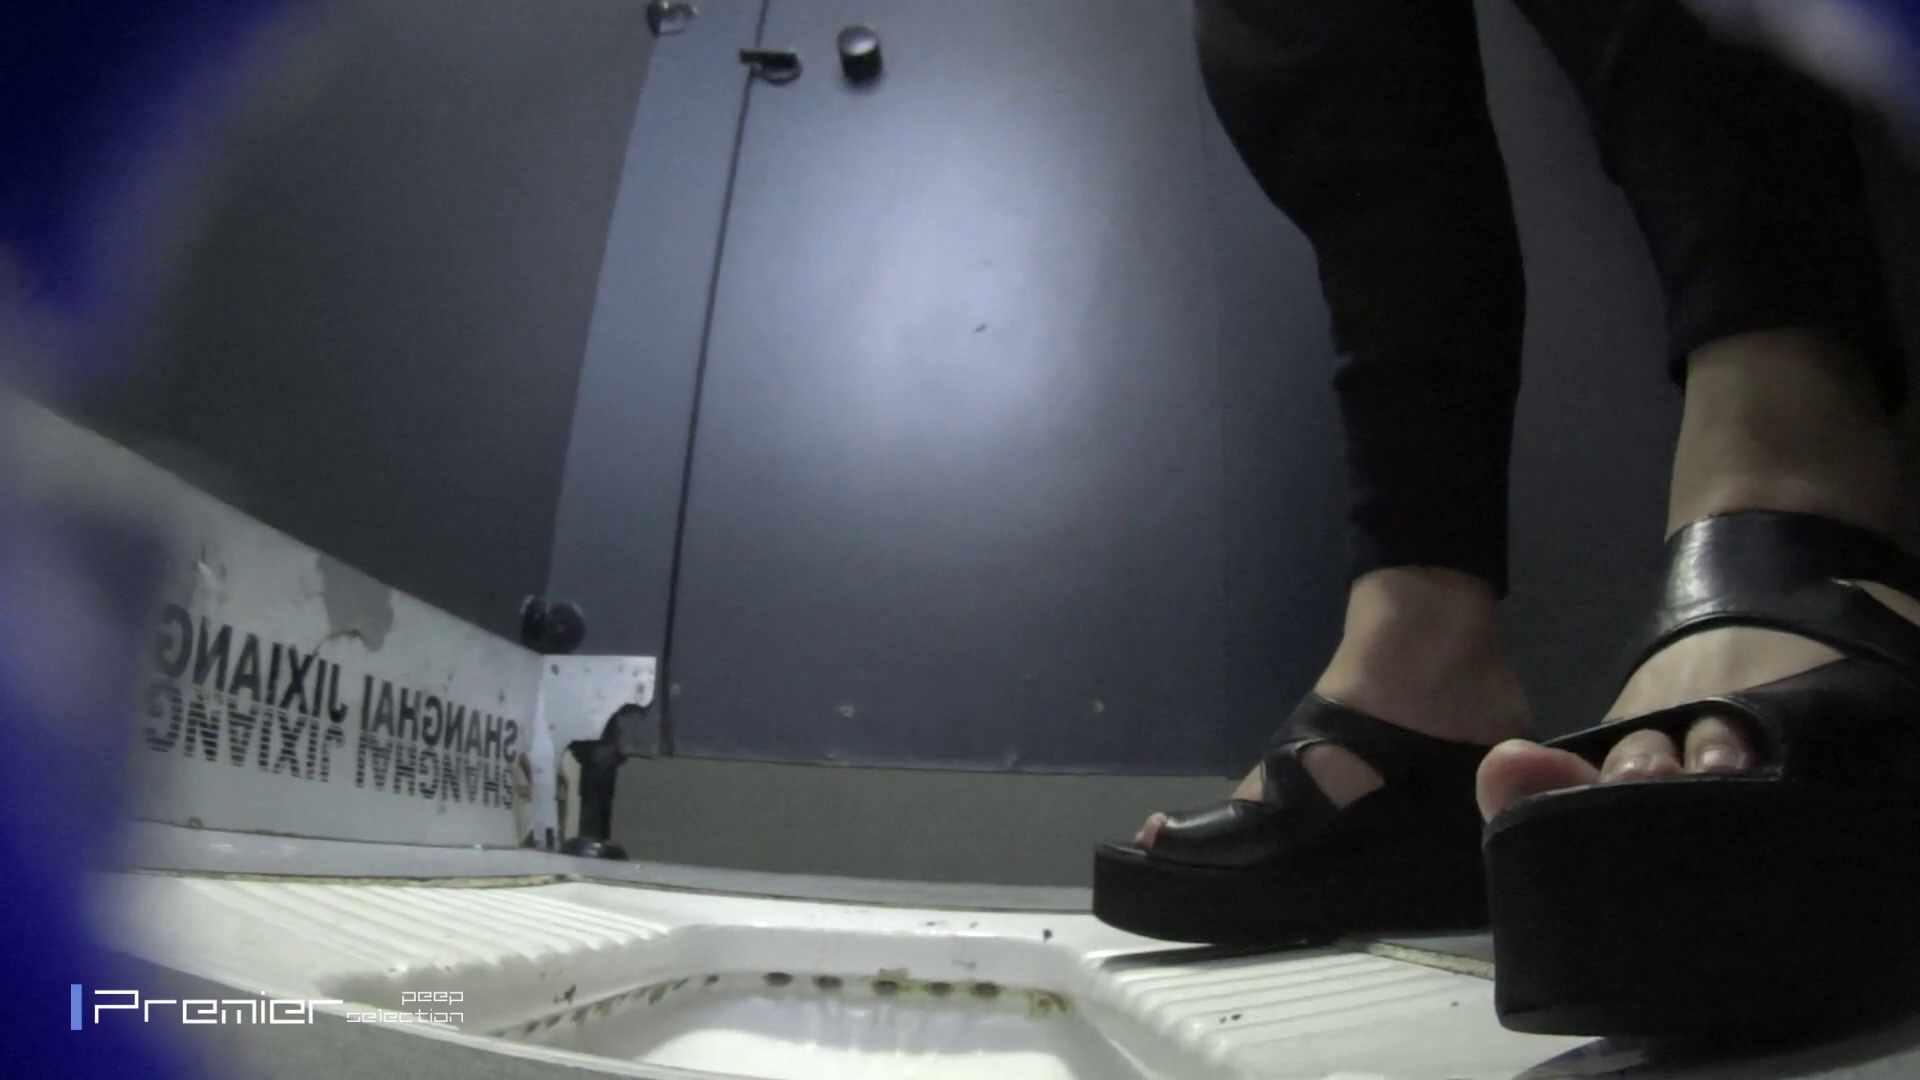 紫煙が揺れる… 大学休憩時間の洗面所事情33 細身女性 ワレメ無修正動画無料 60画像 17